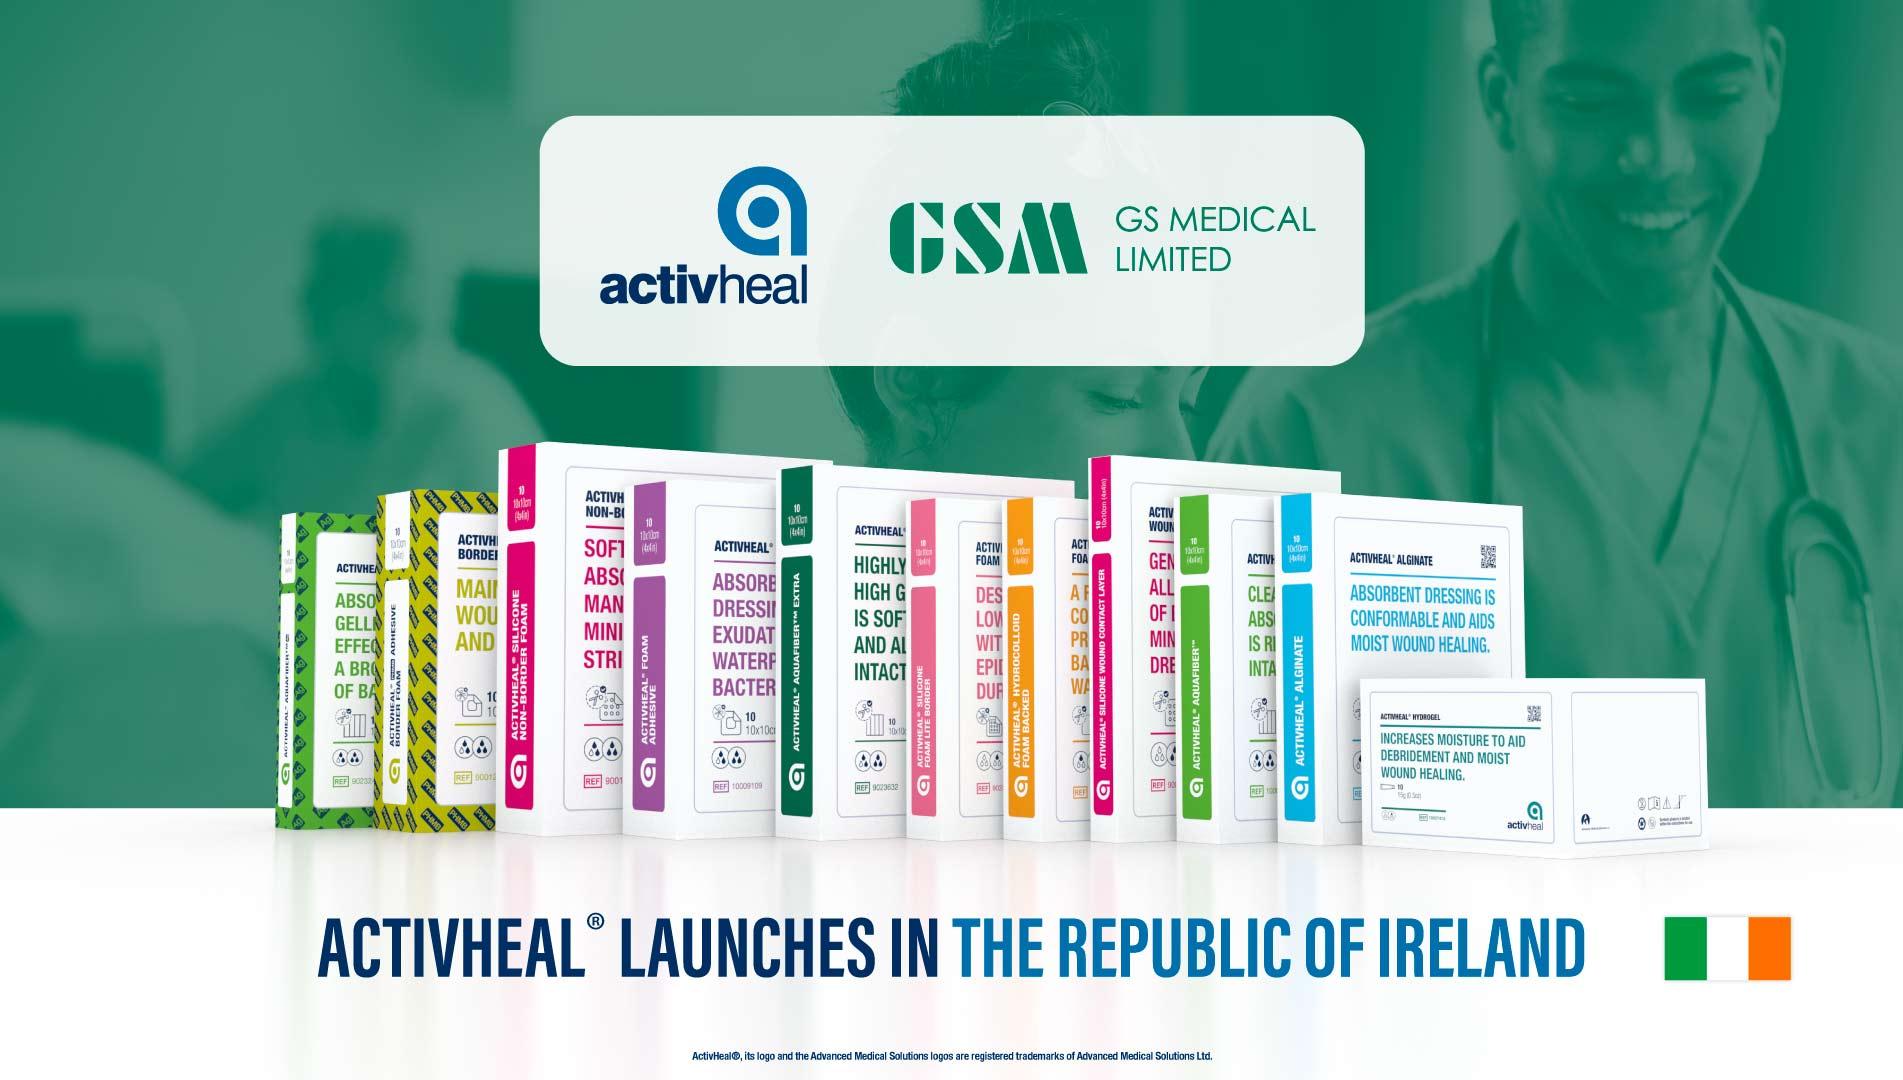 GS Medical ActivHeal Partnership